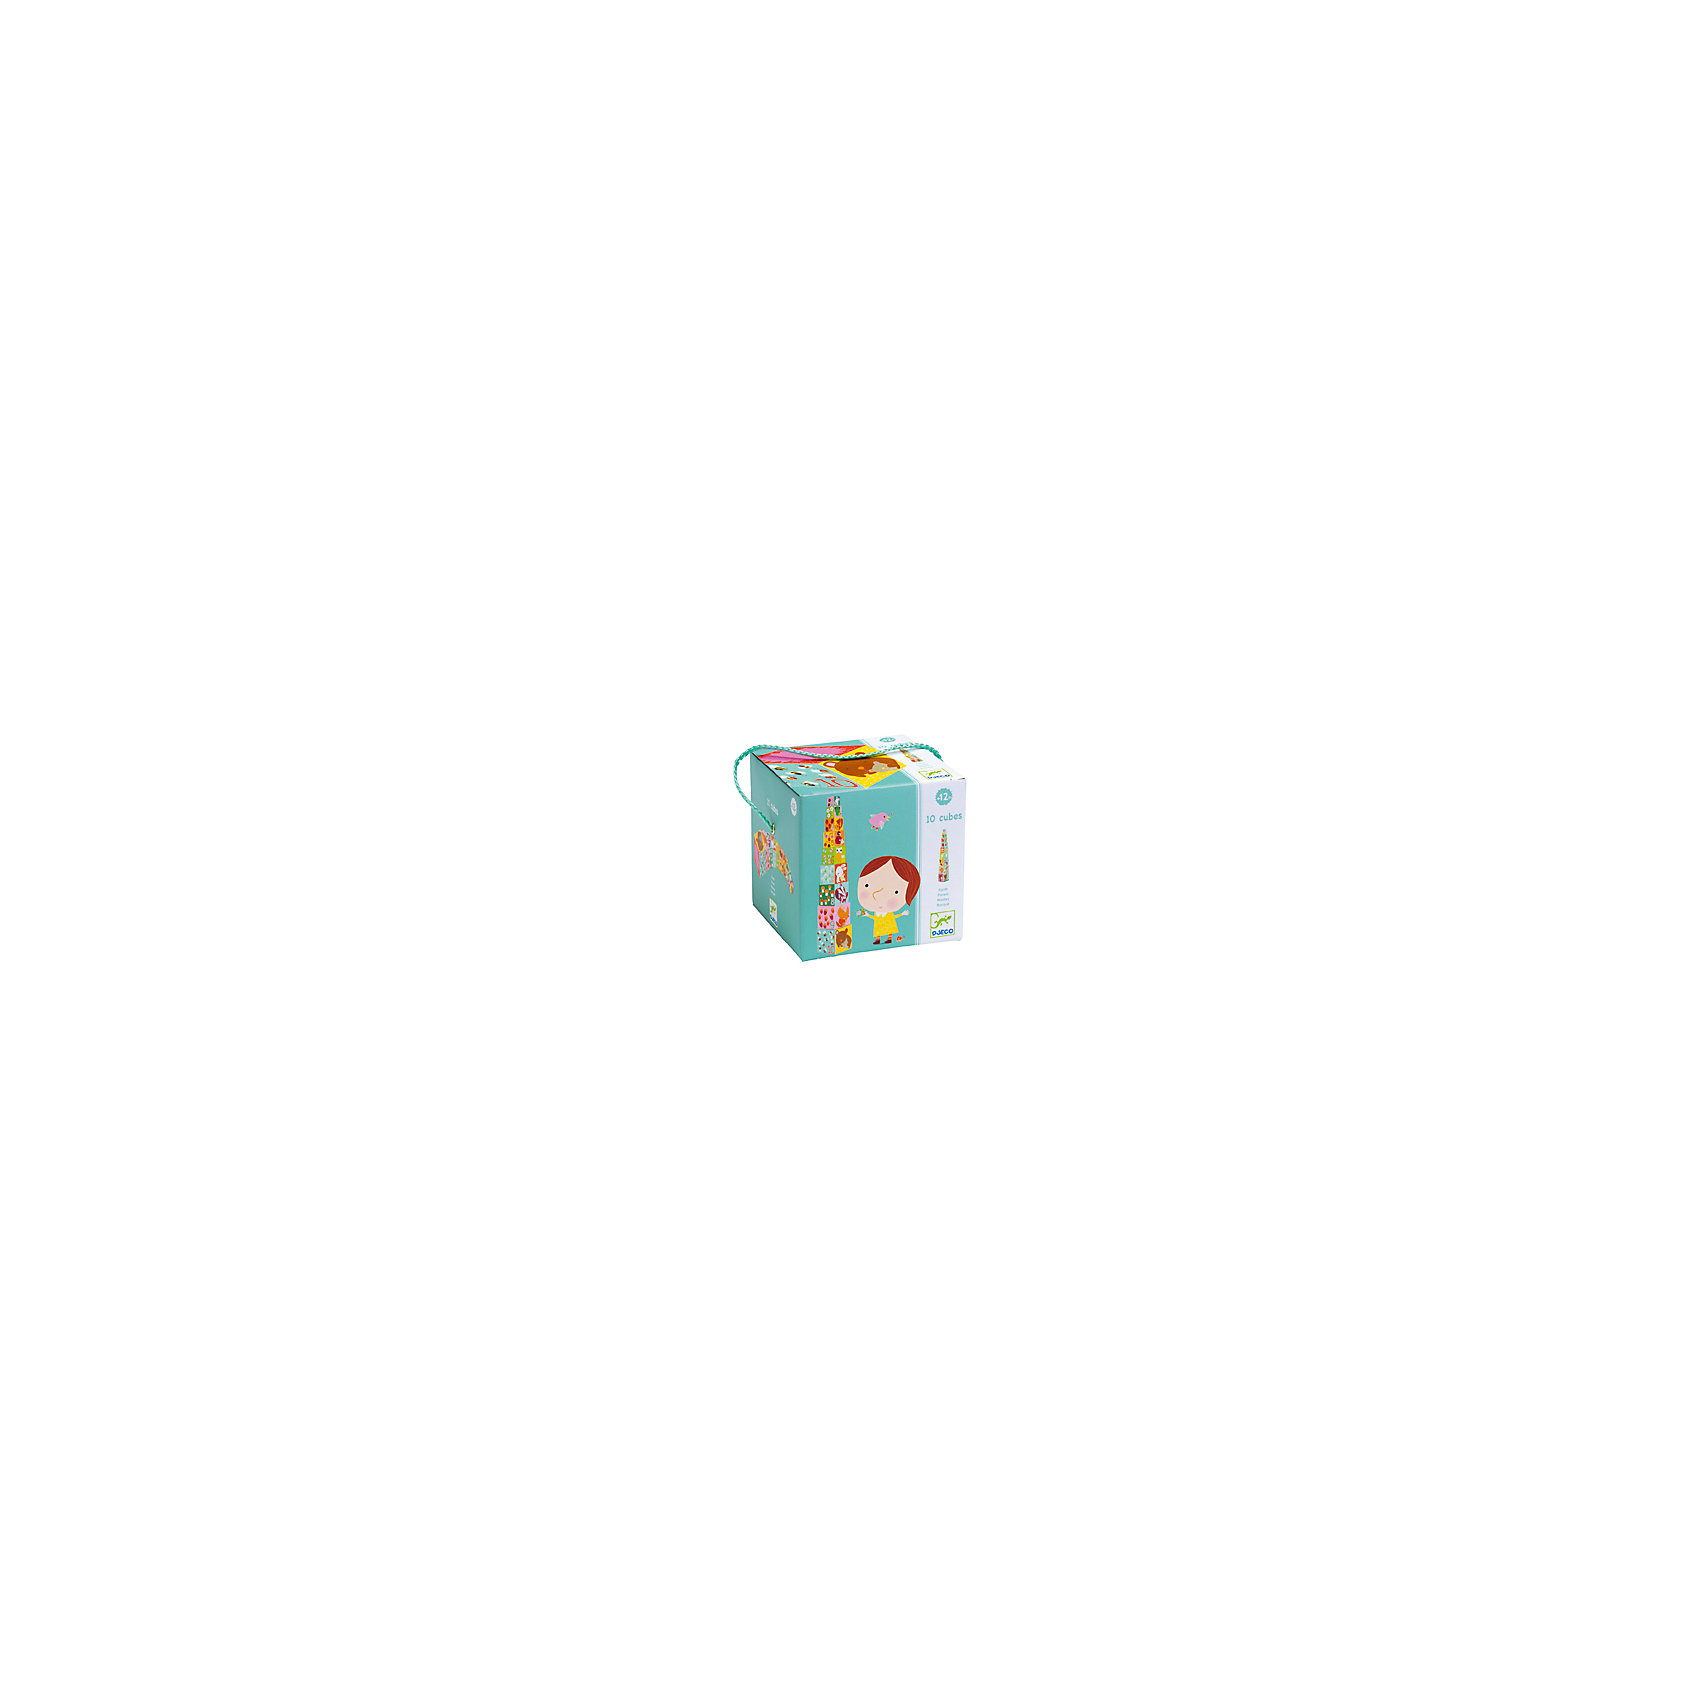 Кубики-пирамида Лес , DJECOПирамидки<br>Кубики-пирамида Лес, Djeco (Джеко) - классическая, всеми любимая детская игрушка, представленная в новом оригинальном варианте. В комплект входят кубики разной величины и расцветки, на гранях каждого изображены забавные животные, цифры и различные предметы в количестве, равном указанной цифре. Таким образом, ребенок в веселой игровой форме знакомится с цифрами и учится считать. Благодаря разным размерам кубиков малыш сможет соорудить из них высокую башню (высотой до 1 м.), выстроить длинную дорожку или соорудить лабиринт. А  после окончания игры кубики компактно складываются один в другой. Набор выполнен из плотного картона высокого качества, безопасного для здоровья ребенка. Кубики Djeco (Джеко) развивают координацию движений, мелкую моторику, пространственное мышление, помогают объяснить<br>ребенку разницу цветов, форм и размеров, а также обучить счёту. <br><br>Дополнительная информация:<br><br>- В комплекте: 10 кубиков.<br>- Материал: ламинированный картон.<br>- Размер упаковки: 14,5 х 14,5 х 14,5 см.<br>- Вес: 0,68 кг. <br><br>Кубики-пирамиду Лес, Djeco (Джеко), можно купить в нашем магазине.<br><br>Ширина мм: 150<br>Глубина мм: 150<br>Высота мм: 150<br>Вес г: 680<br>Возраст от месяцев: 12<br>Возраст до месяцев: 48<br>Пол: Унисекс<br>Возраст: Детский<br>SKU: 4566309